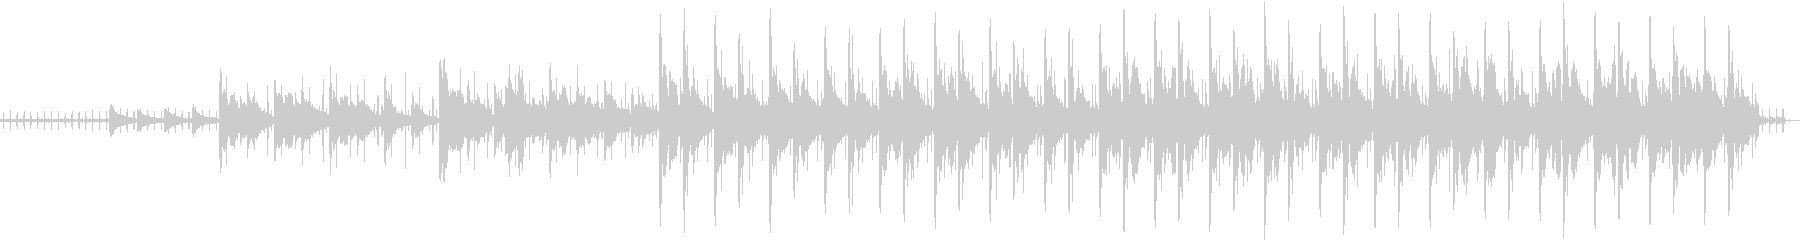 シタールのオリエンタルテイストポップスの未再生の波形